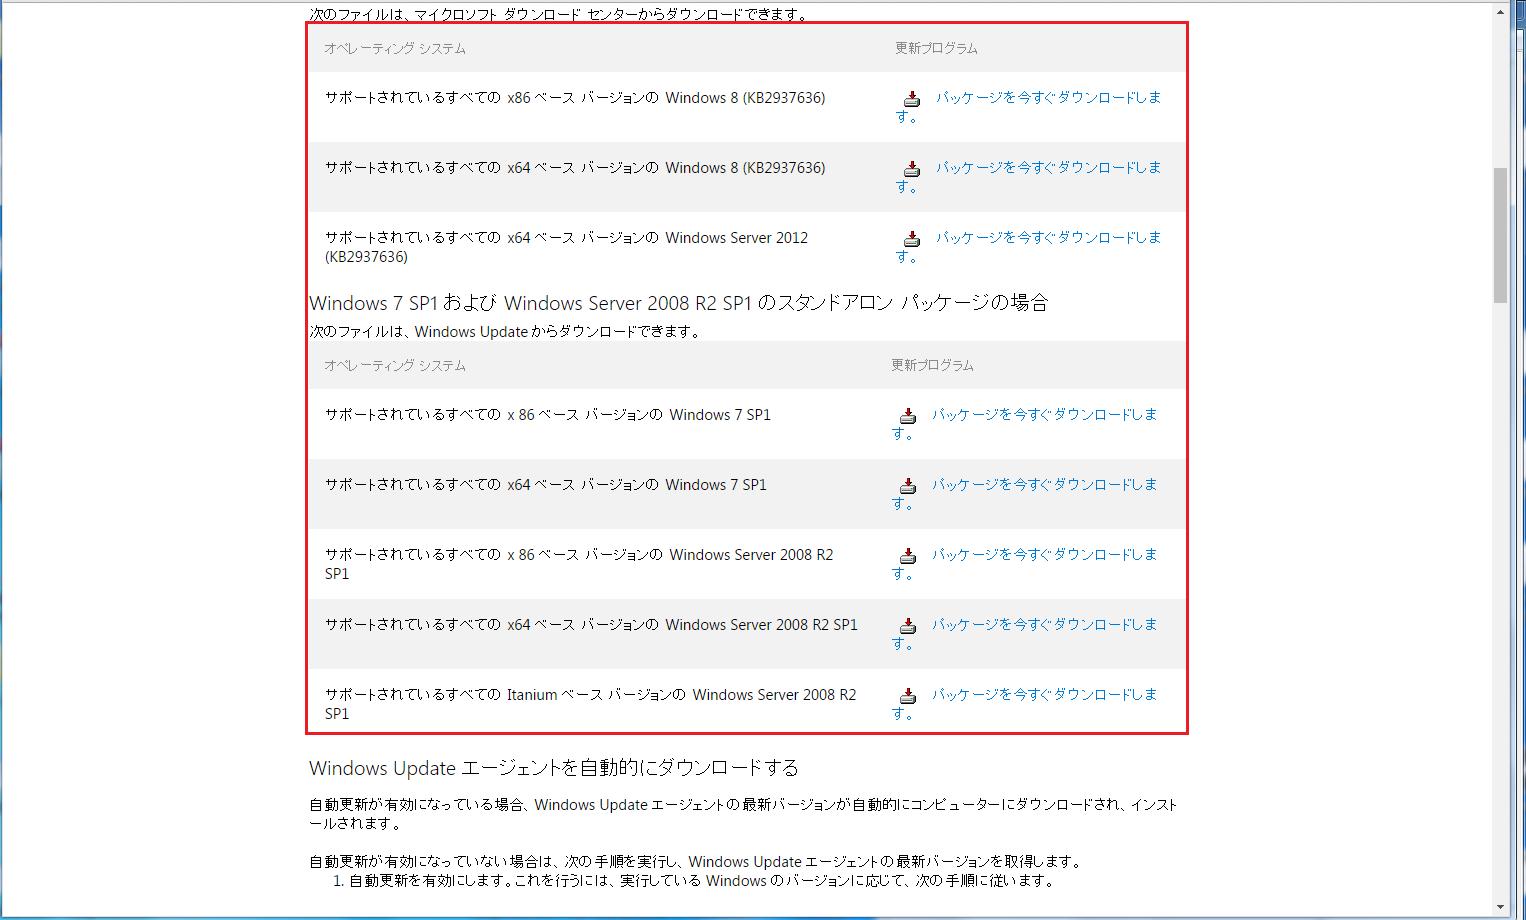 下に行くとWindows Updateの最新のエージェントの項目が出てくるので自分のOSやビット数を確認してダウンロードする